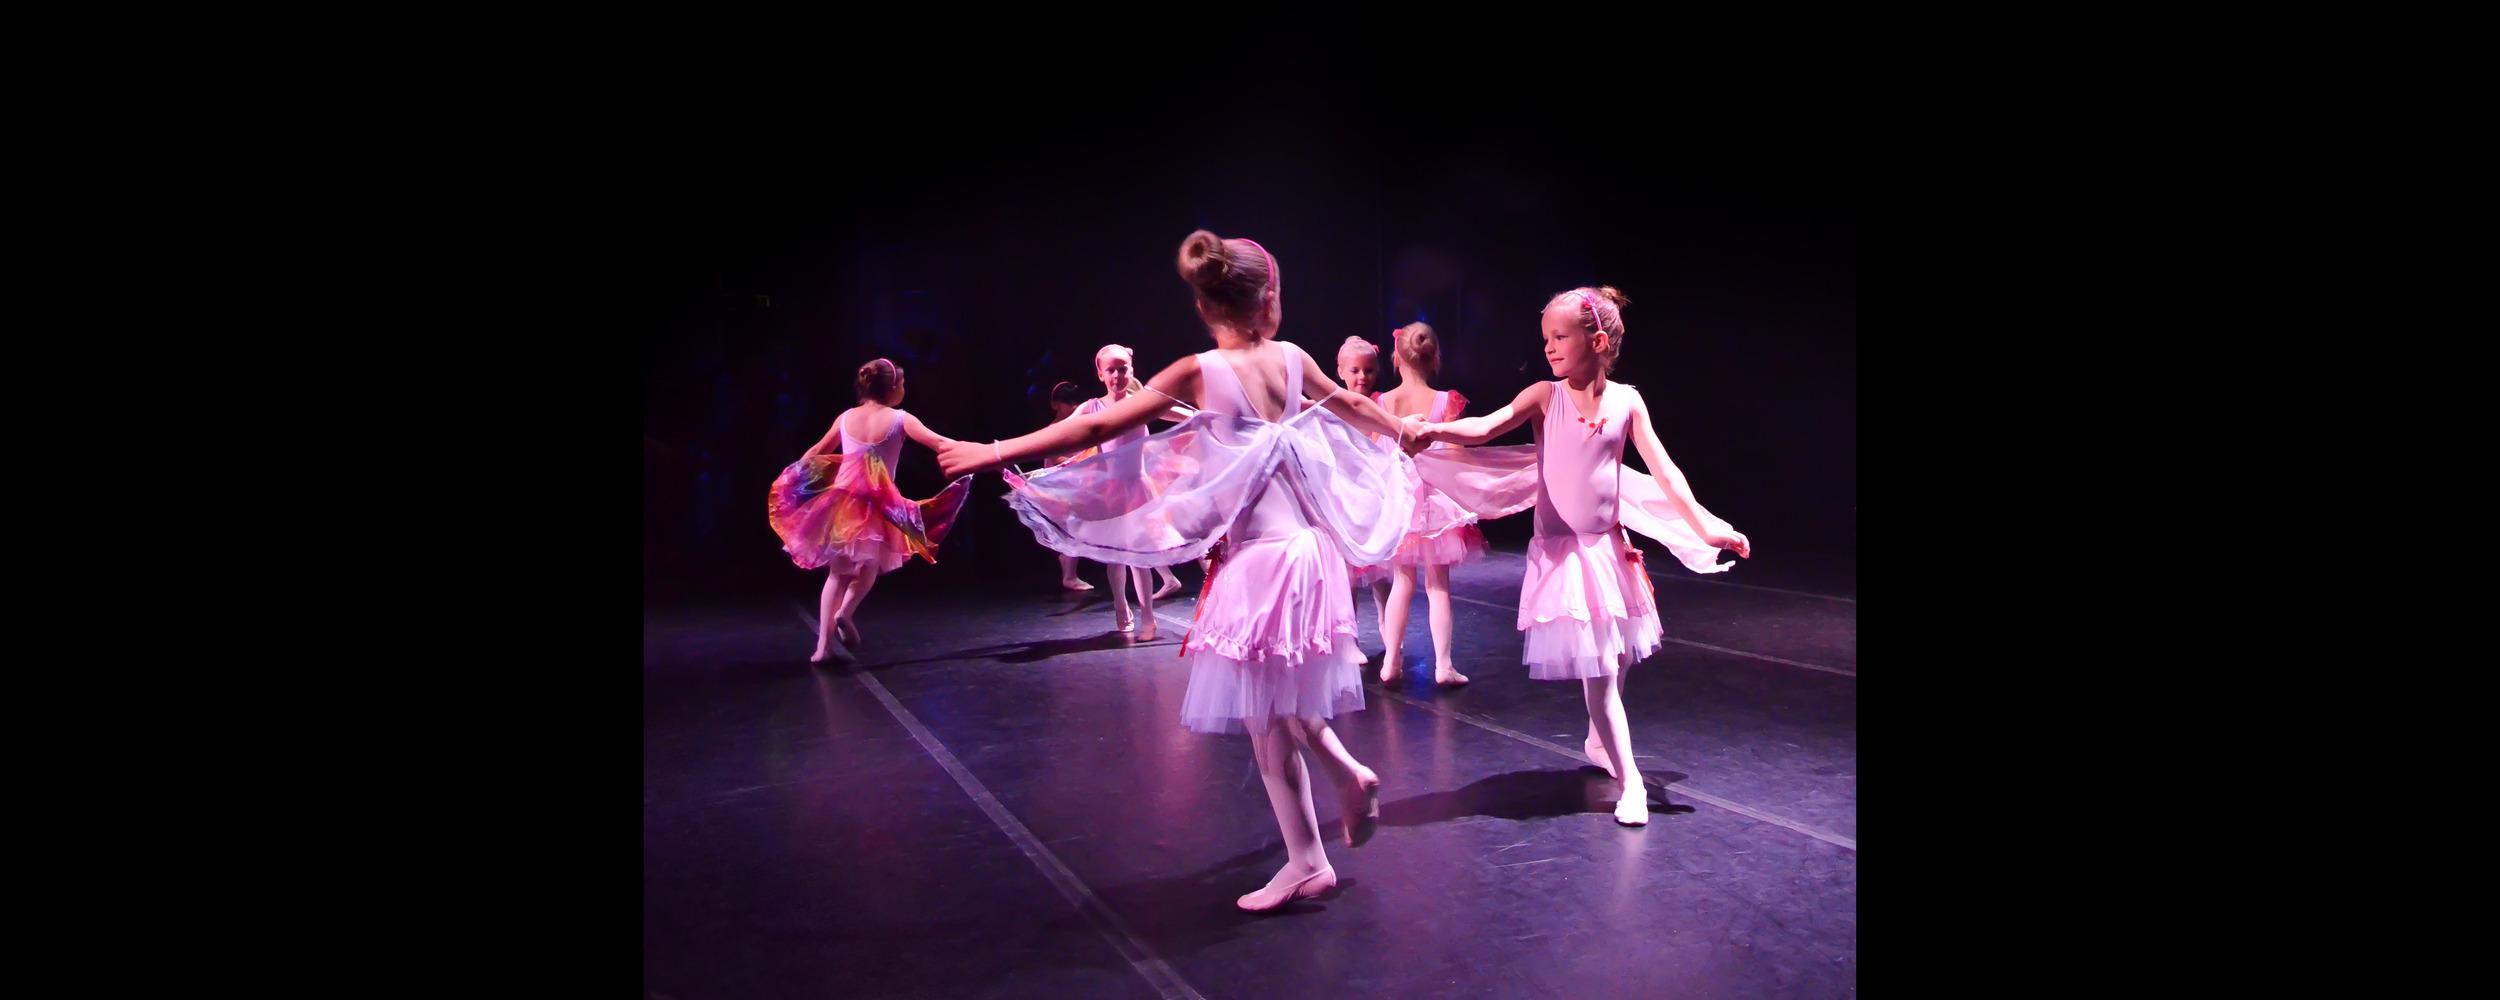 roze ballet fe.jpg